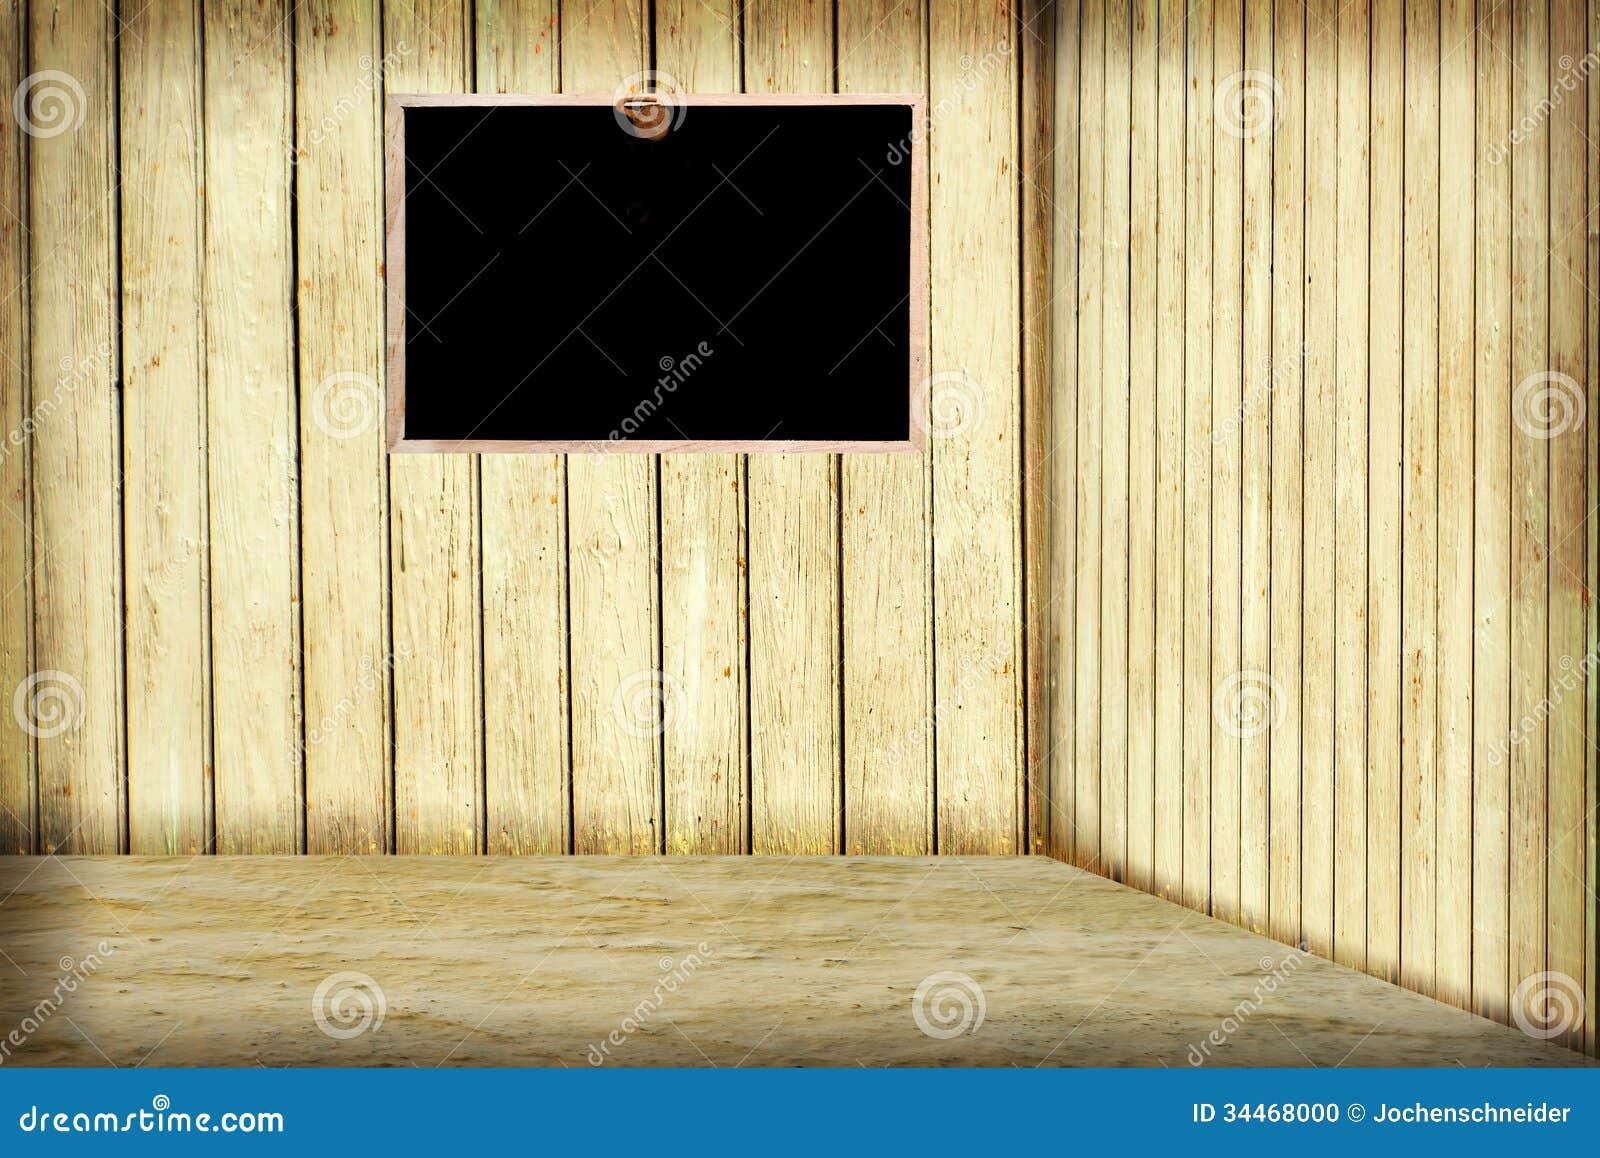 Zaal met houten muur en bord op de muur.